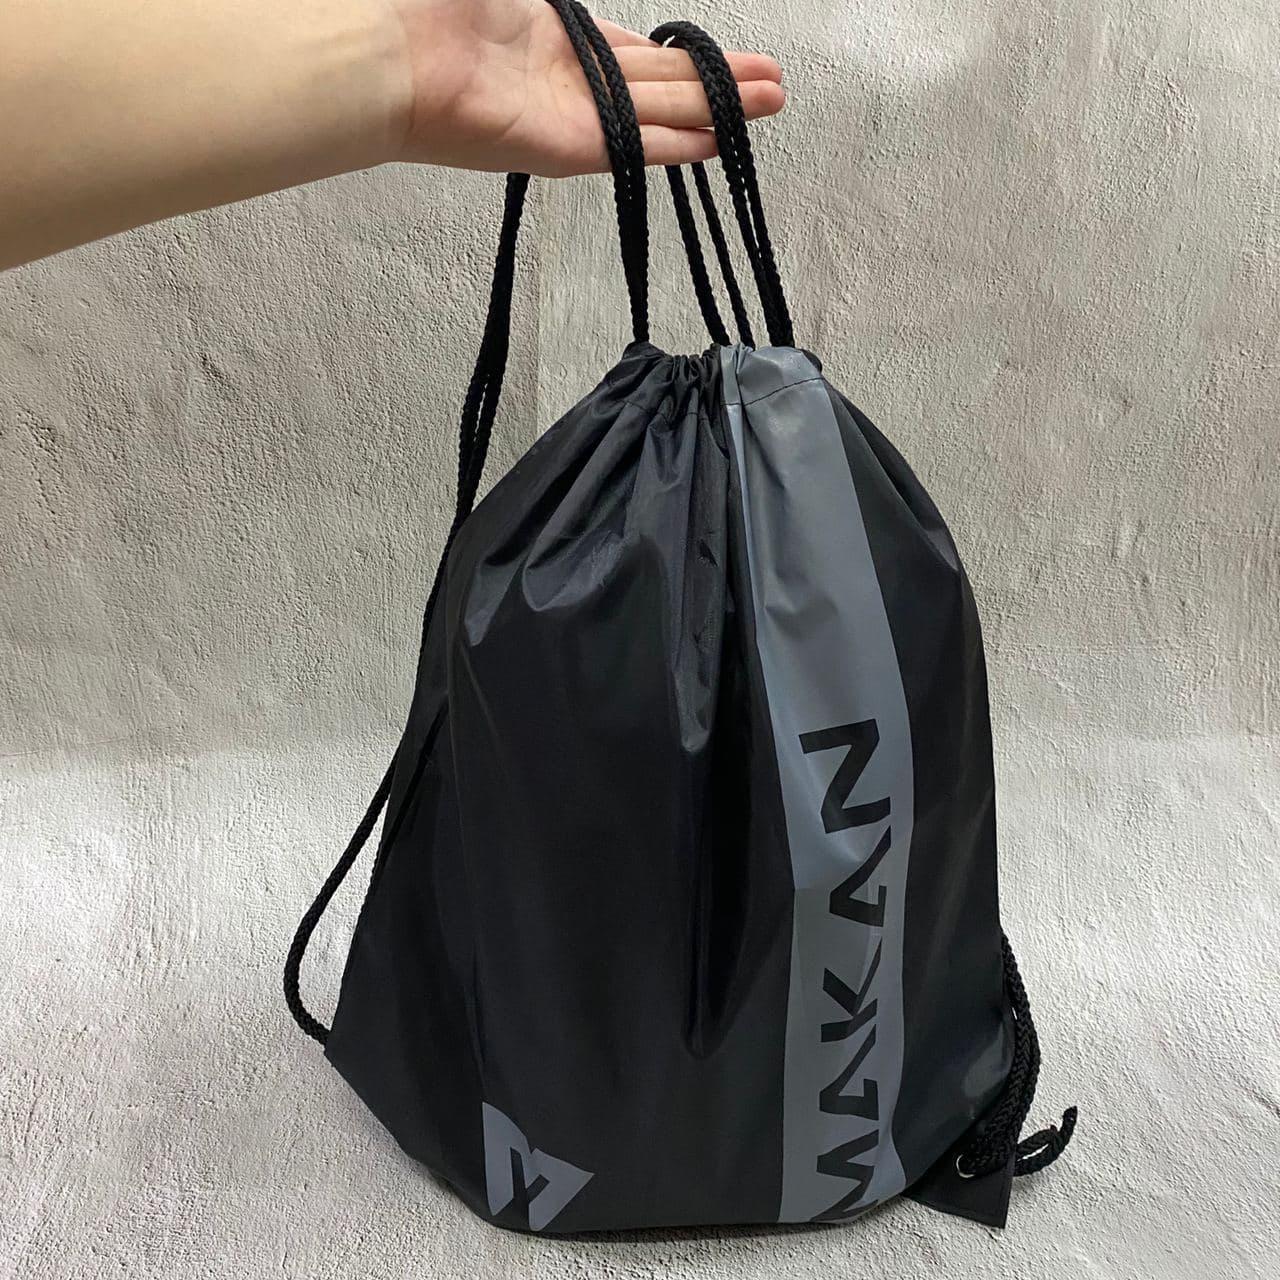 Túi rút đựng giày bóng đá chính hãng MAKAN